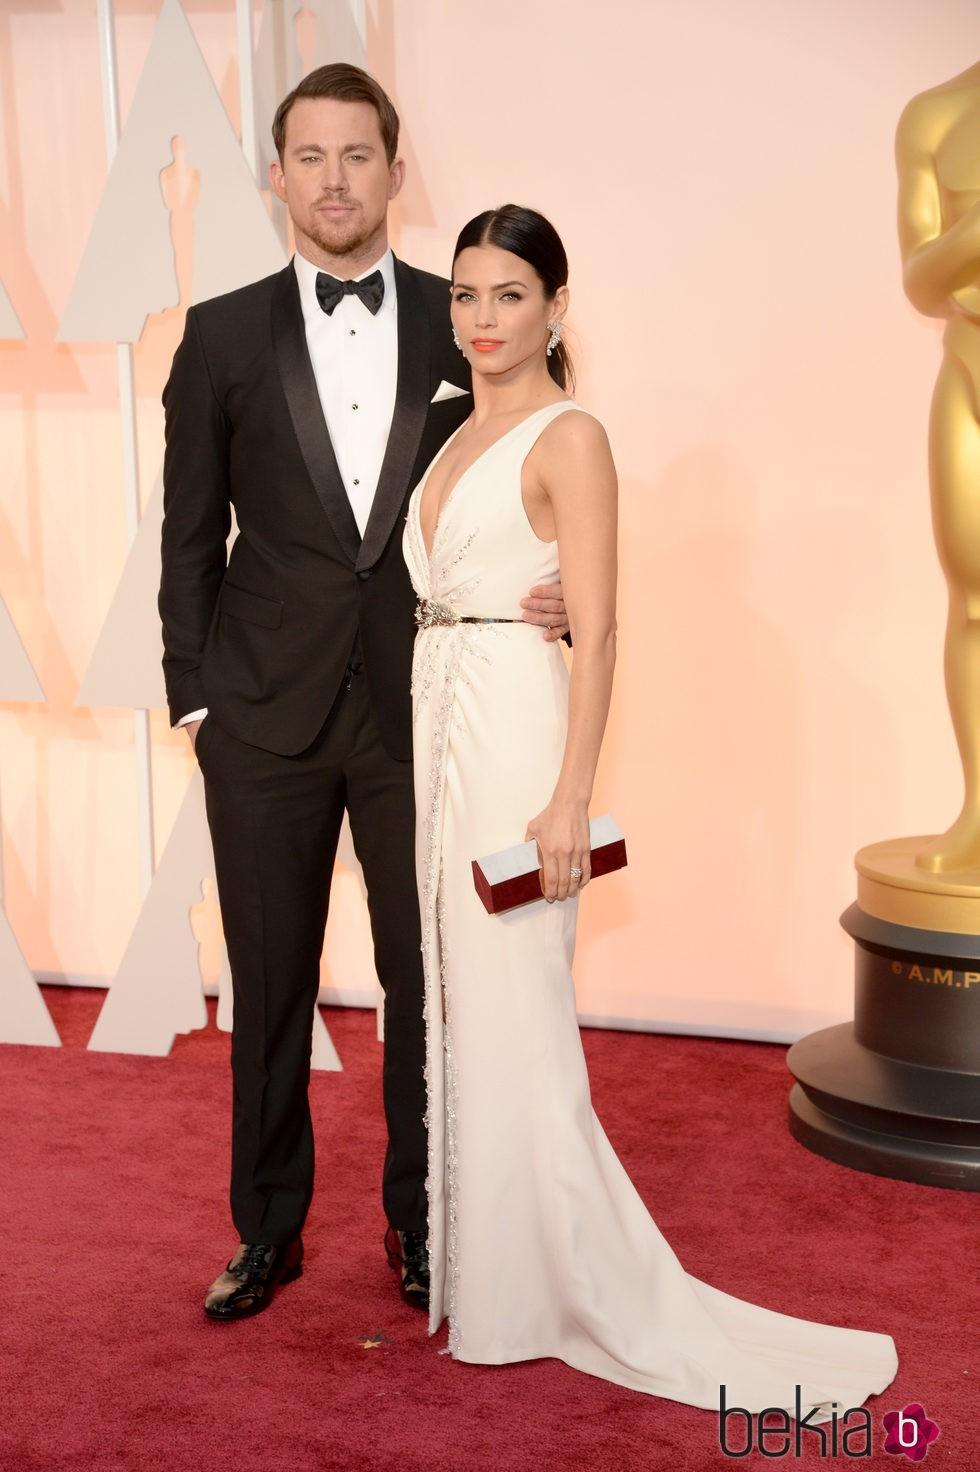 Channing Tatum y su mujer Jenna Dewan Tatum posan en la alfombra roja de los Oscar 2015